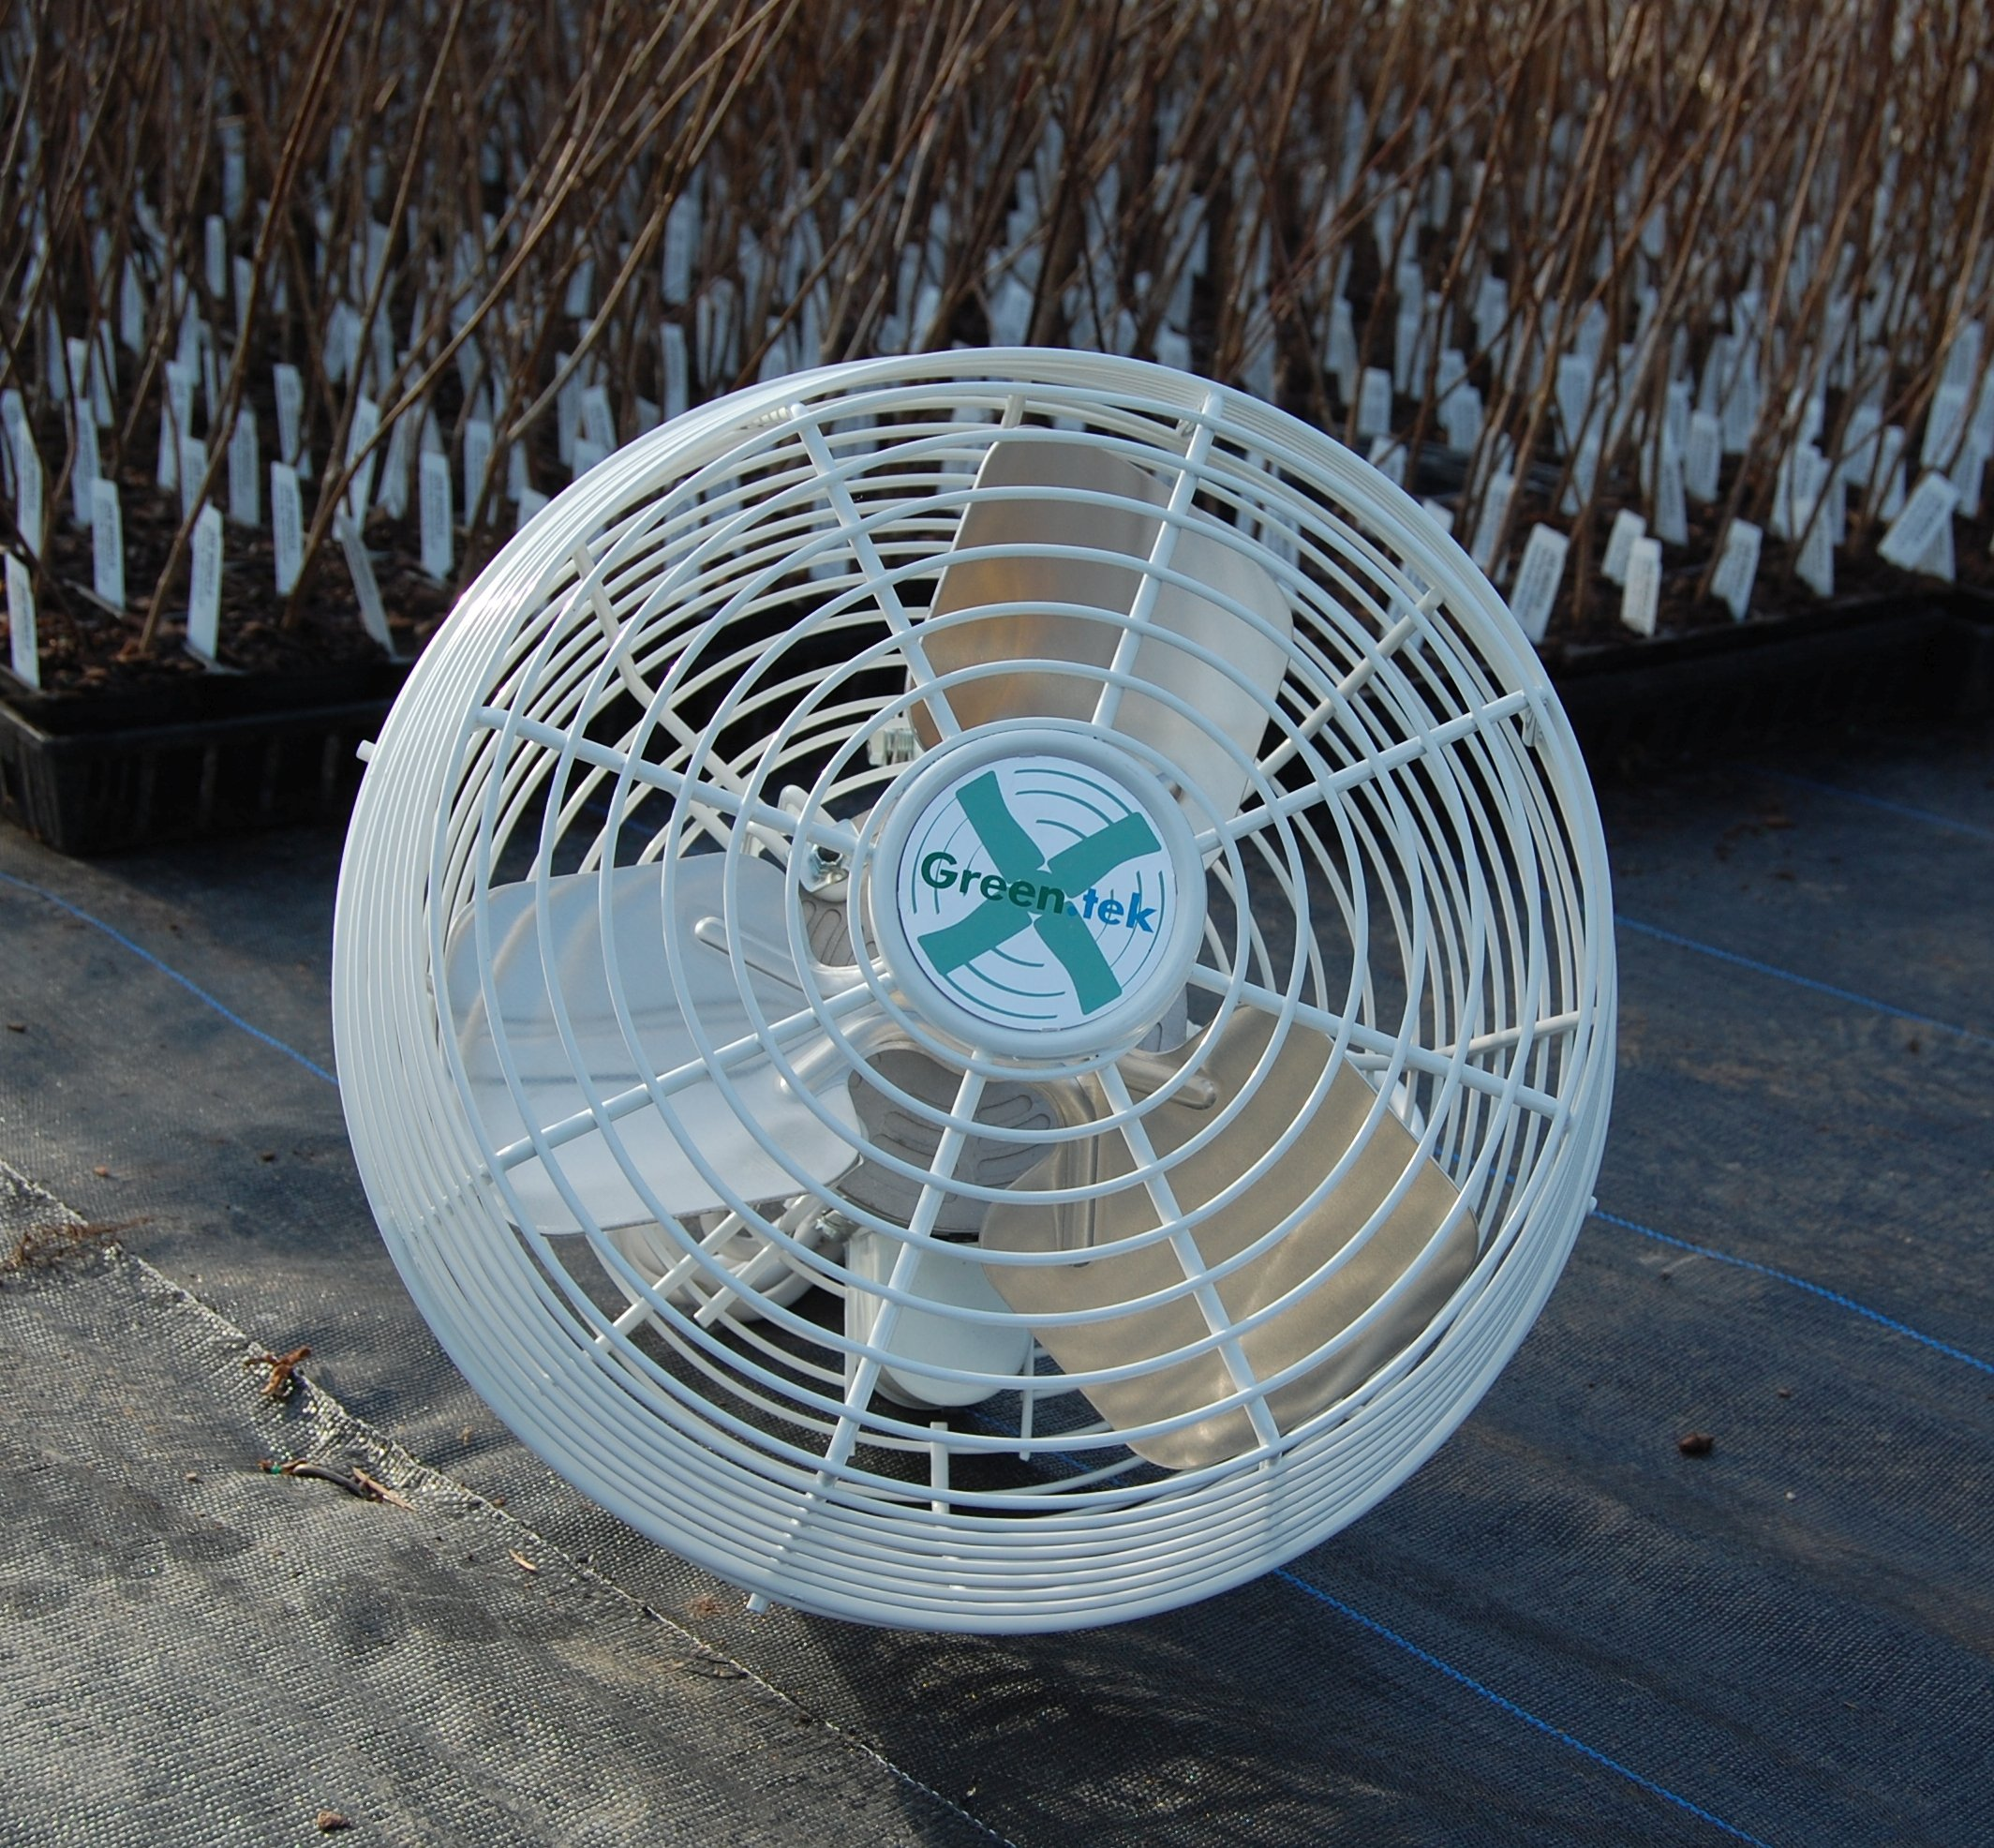 Basket Fan Greenhouse 12'' Flow Fan High Velocity - 1 by Growers Solution by Green Tek (Image #1)